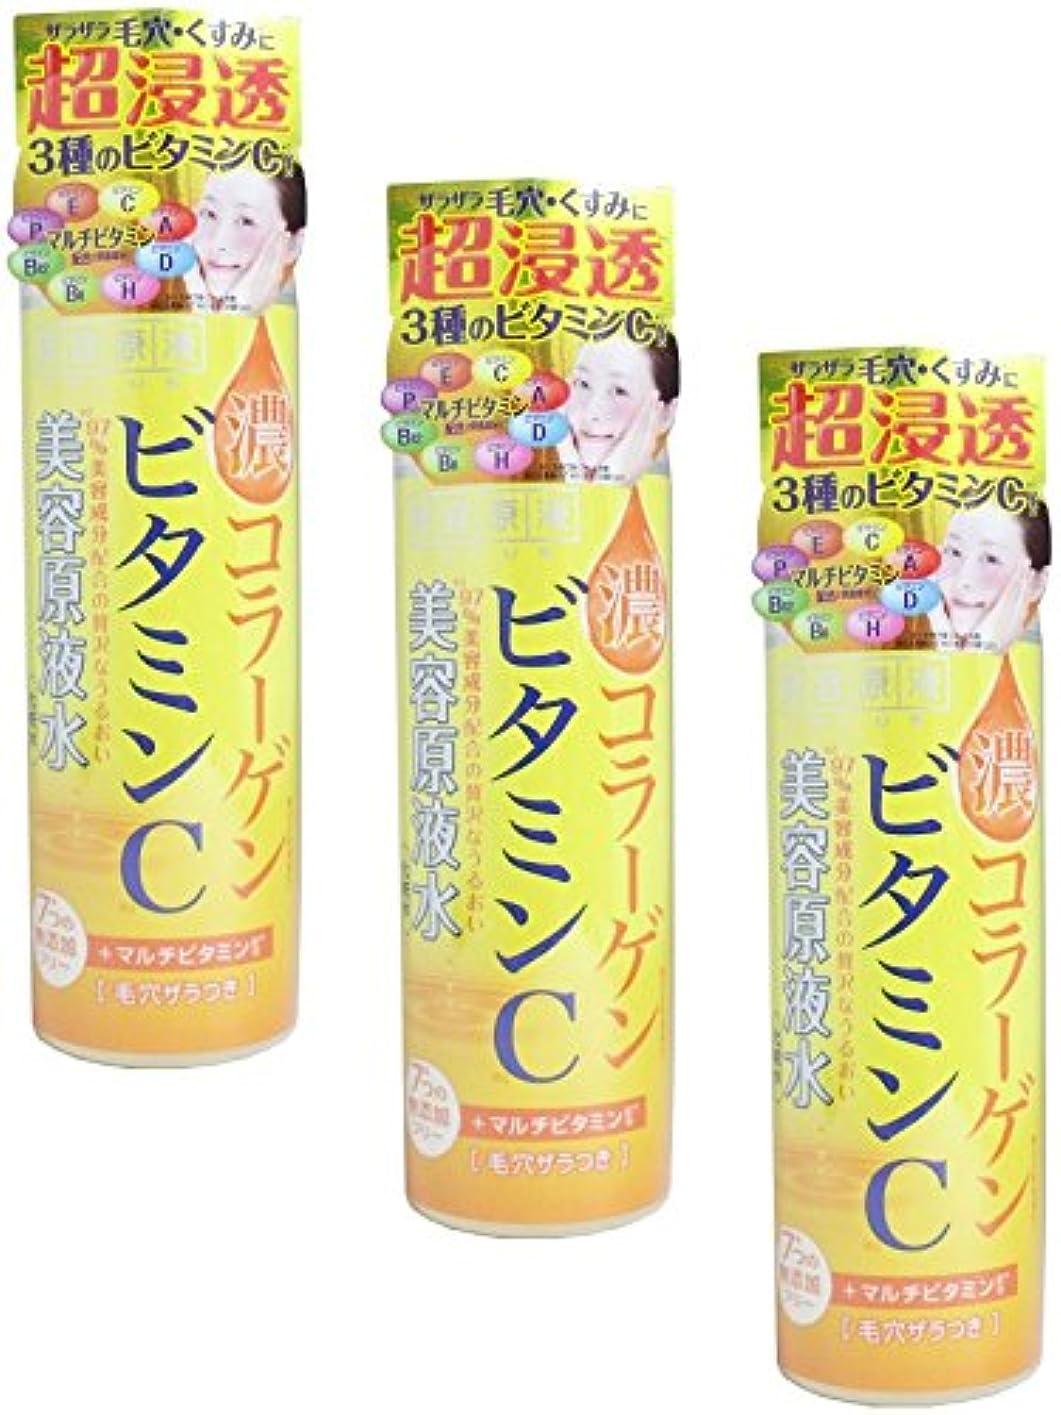 飽和する加害者水【まとめ買い】美容原液 超潤化粧水VC 185mL【×3個】